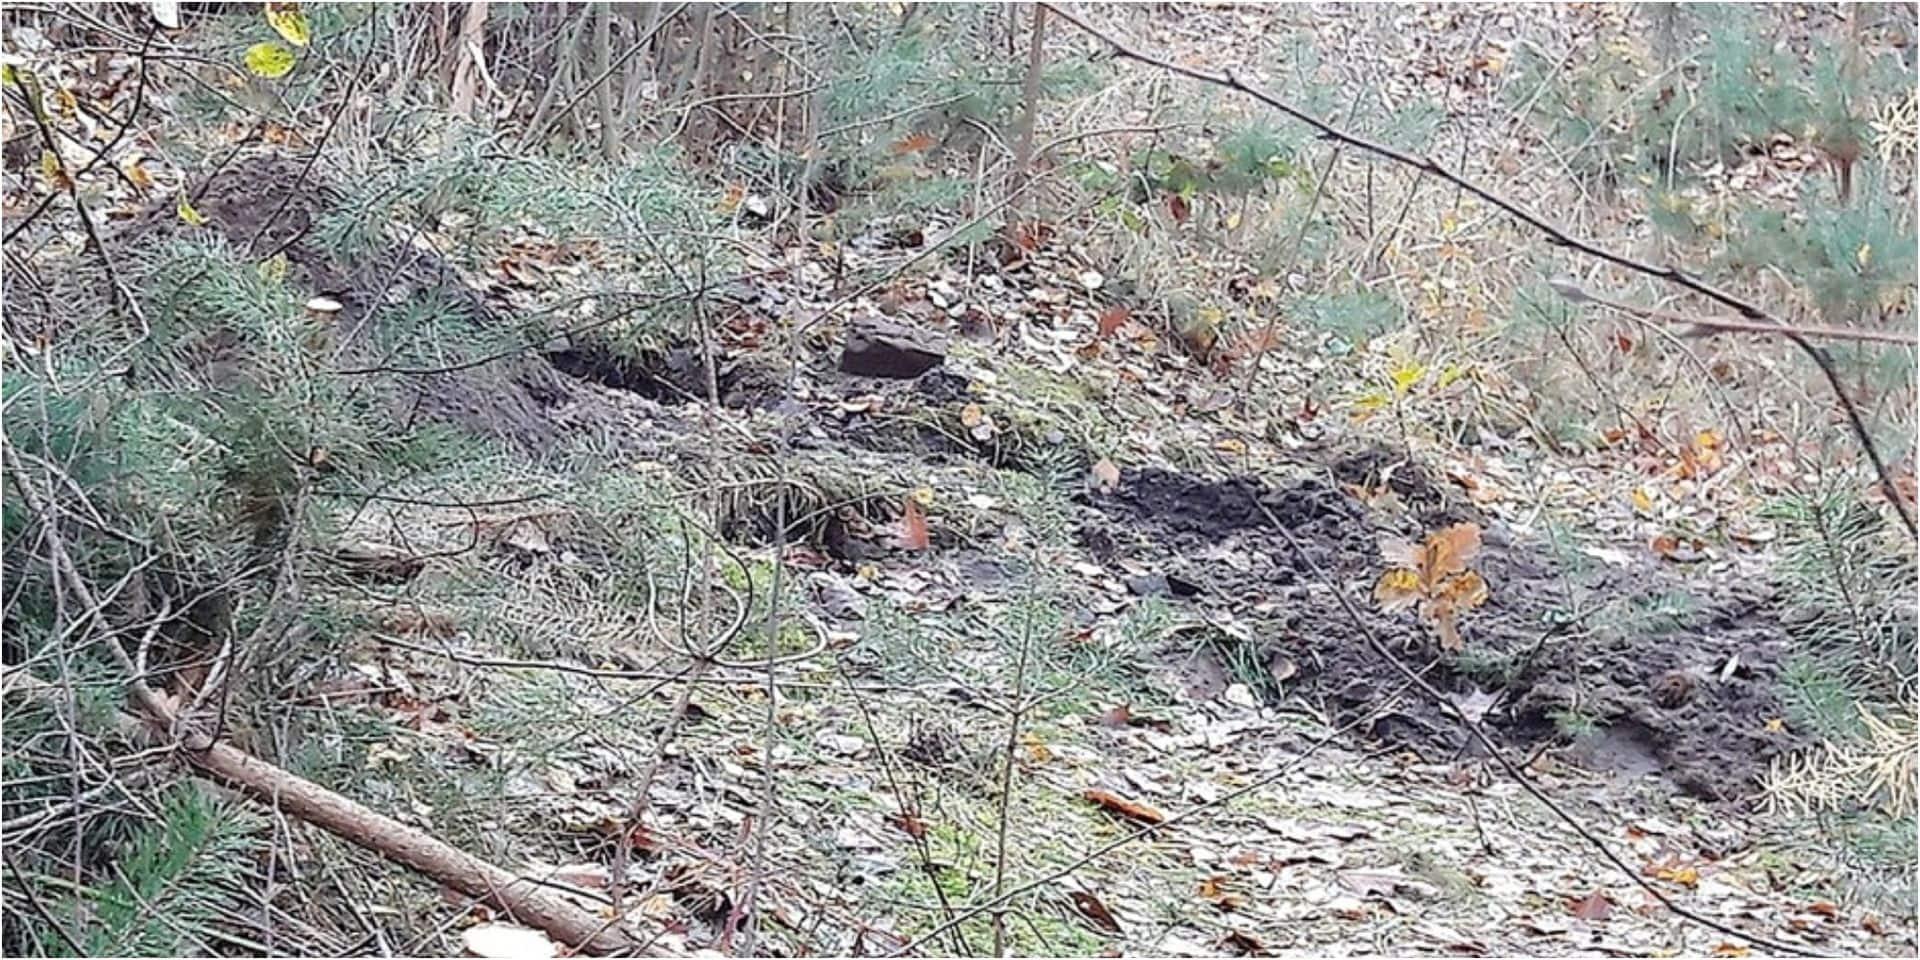 Cadavre sans tête à La Hulpe : deux inculpations